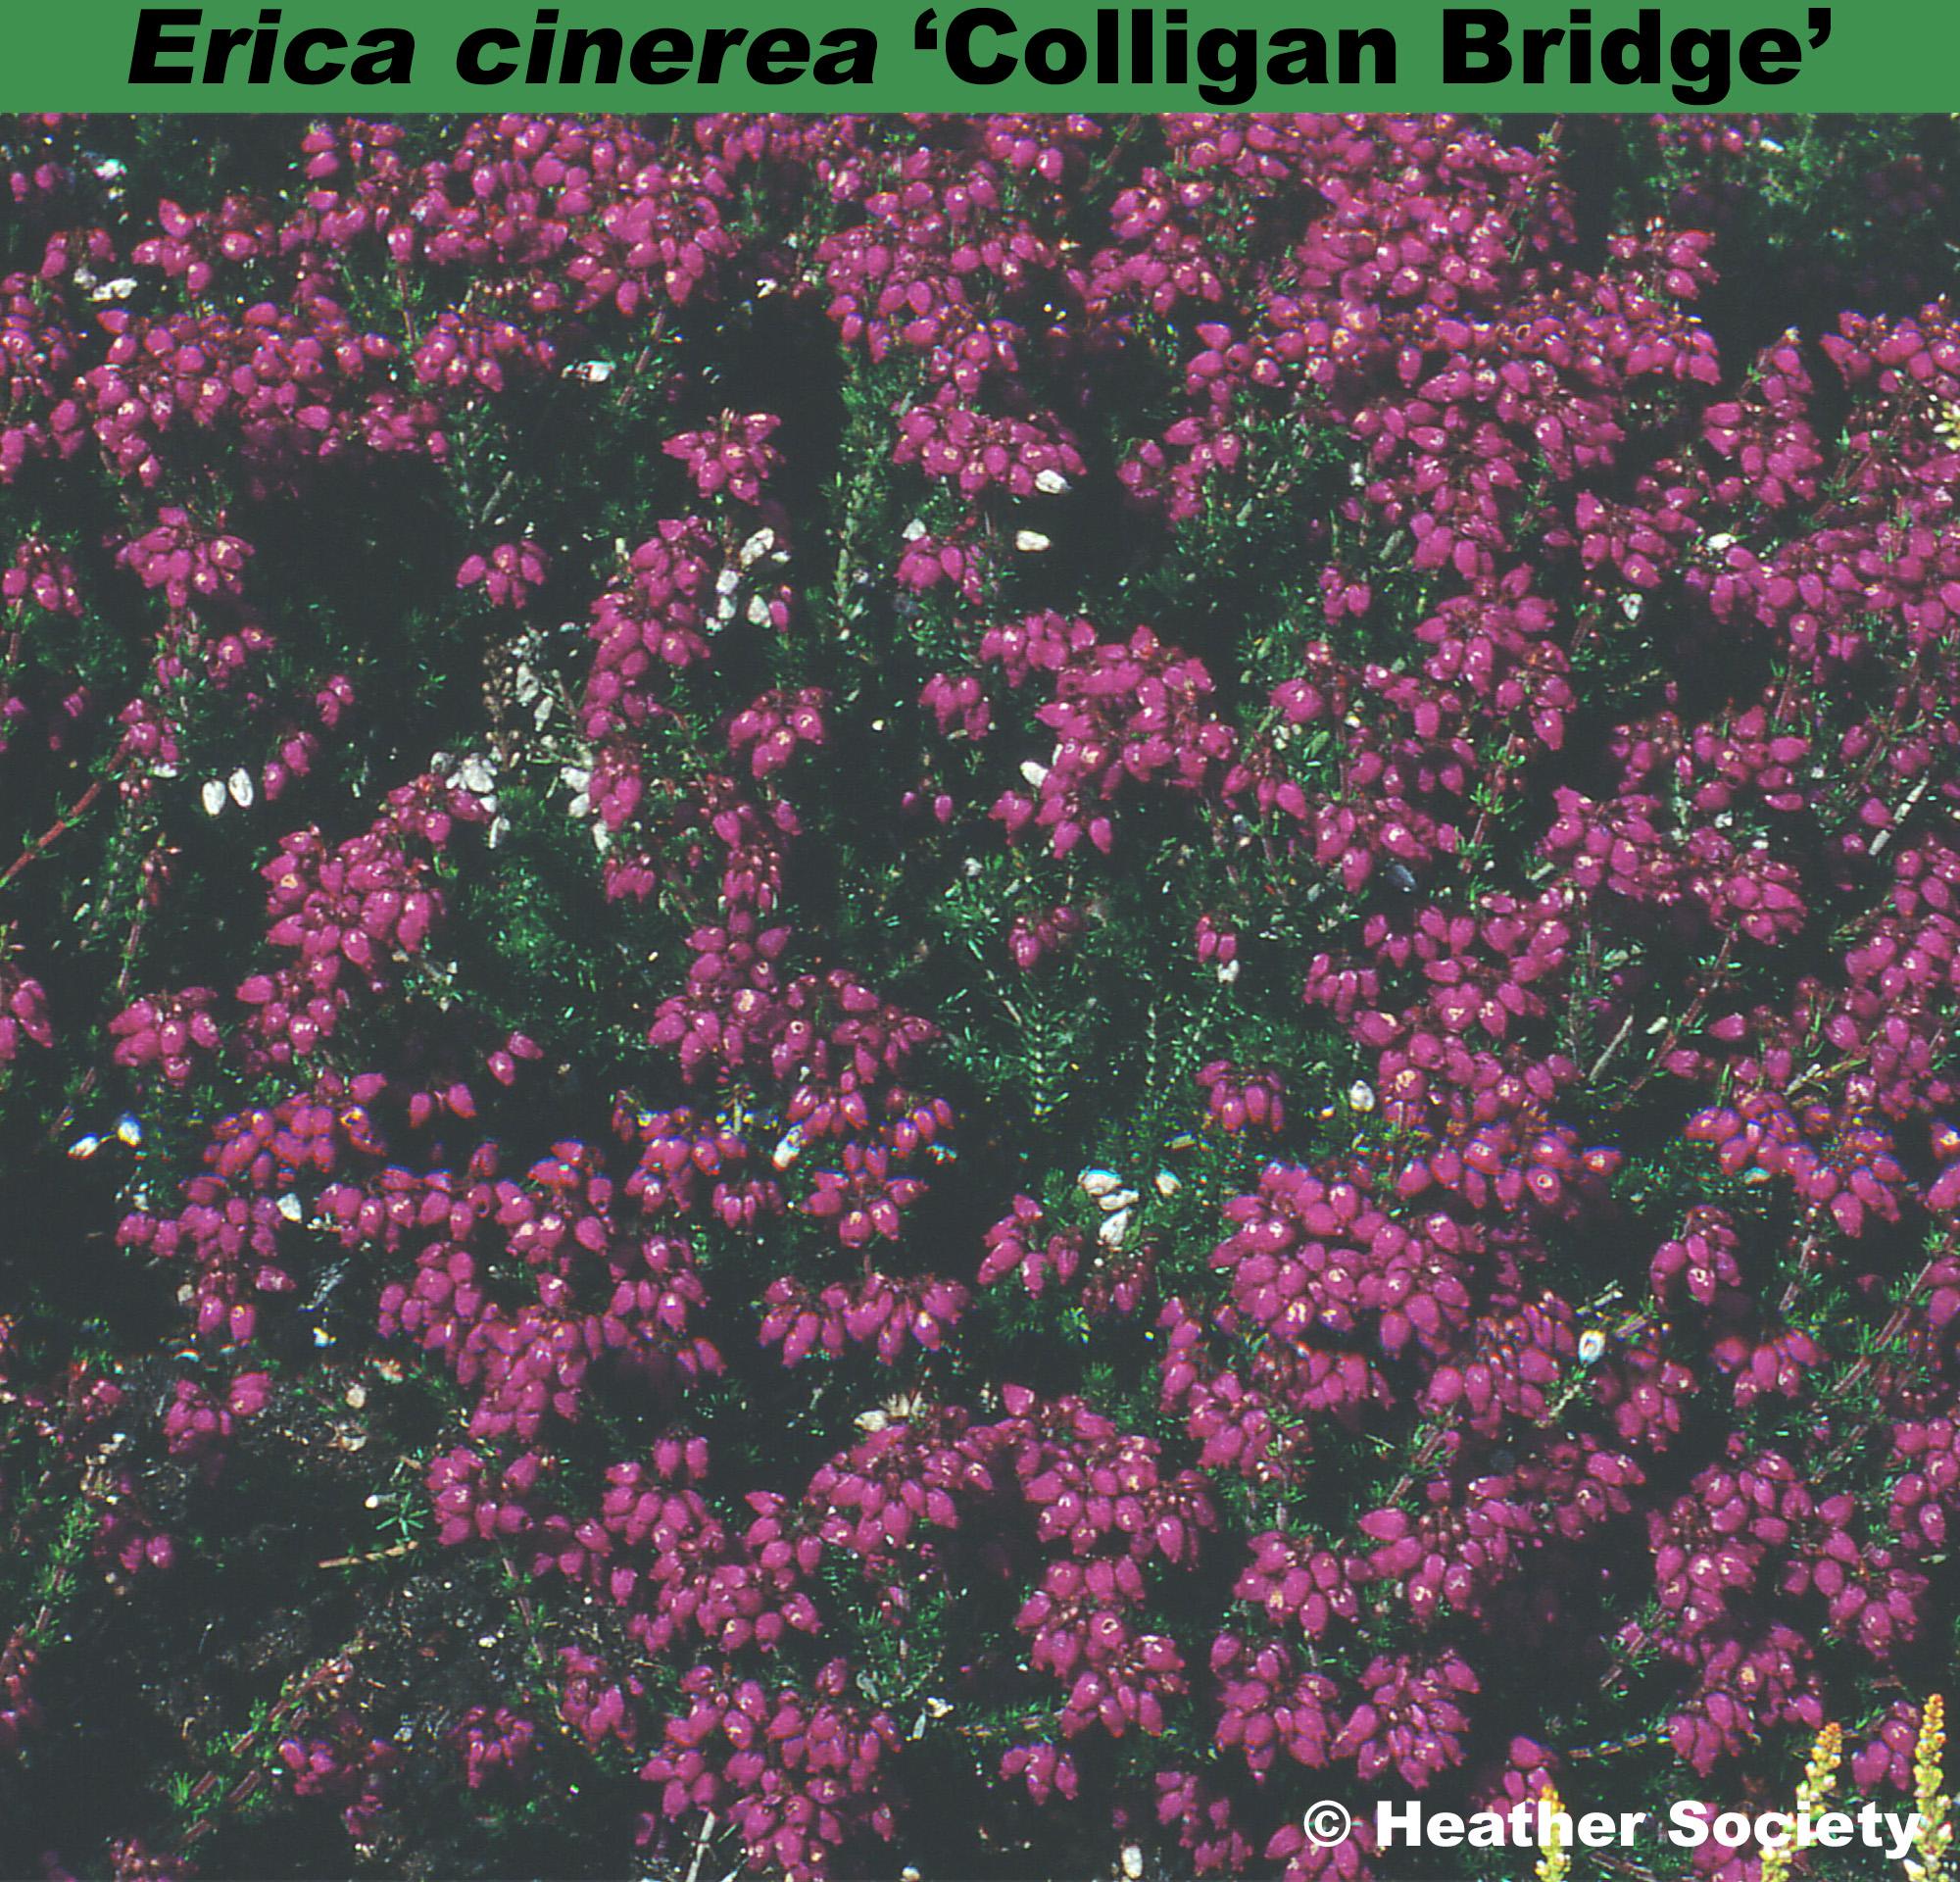 'Colligan Bridge'